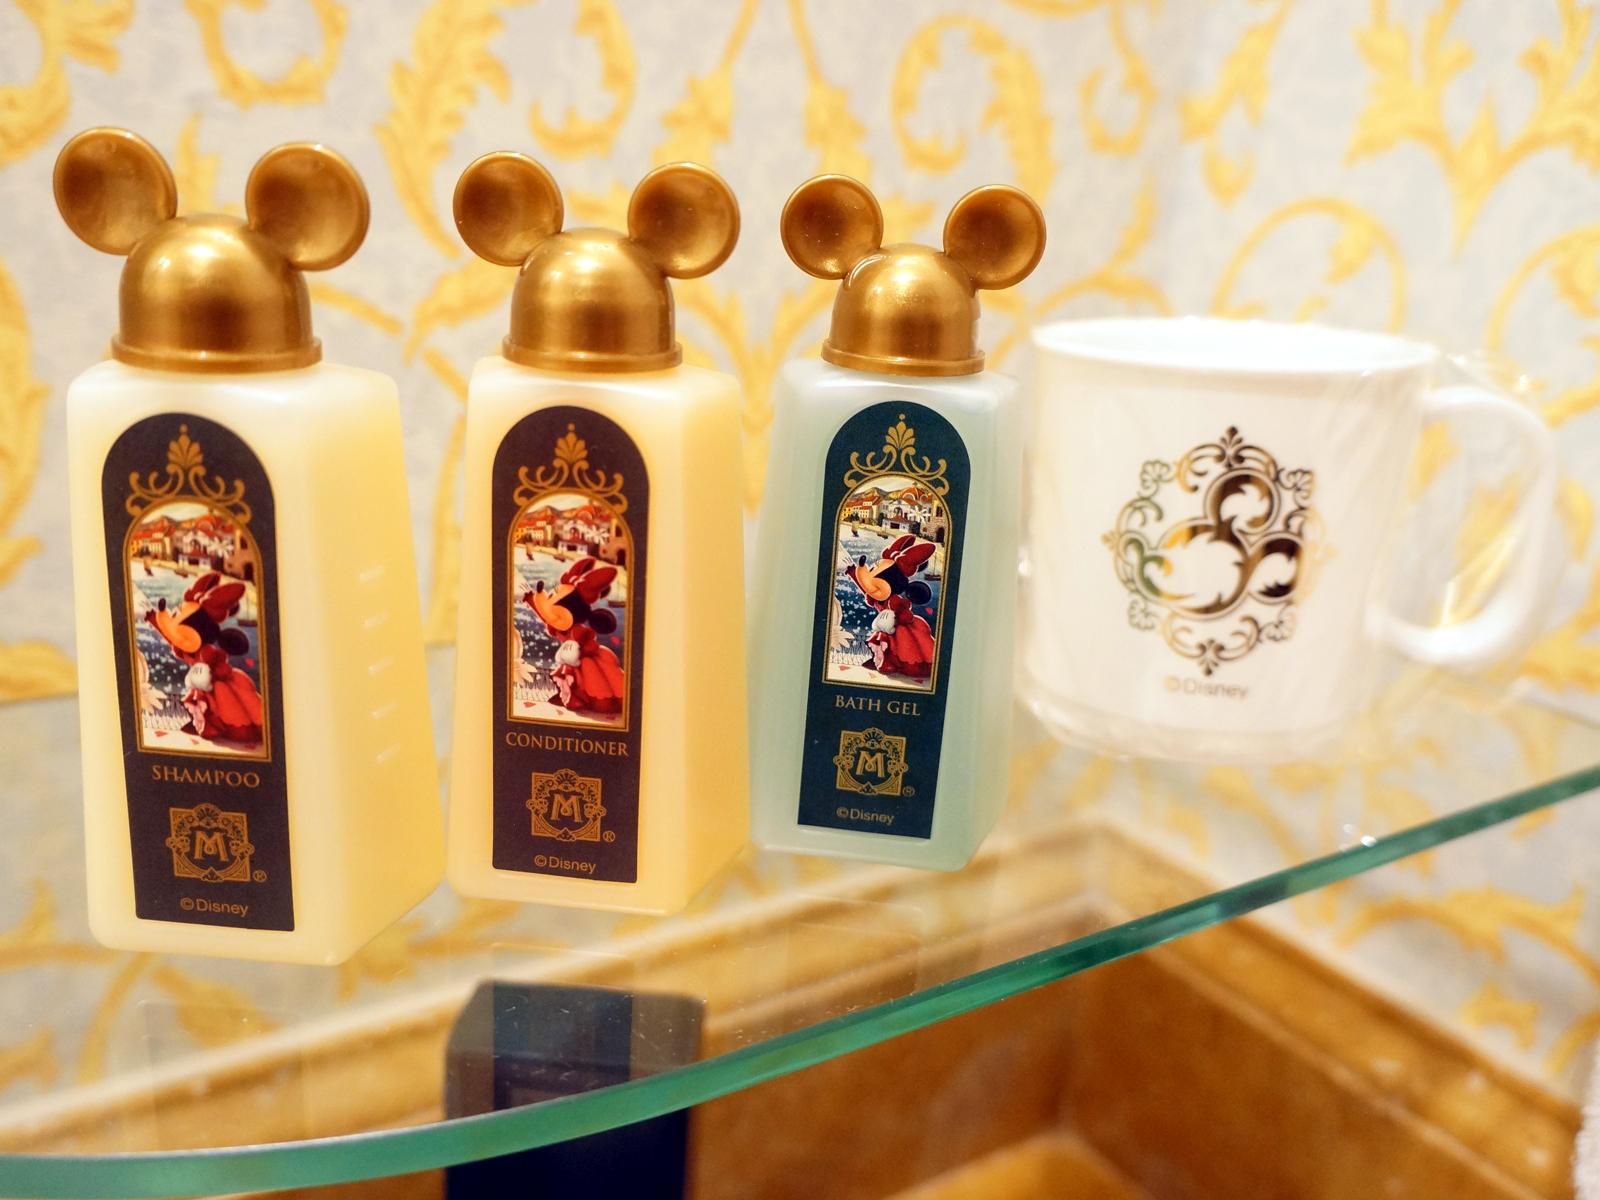 ディズニーホテルミラコスタに宿泊し特典を体験したのでブログにまとめてみる